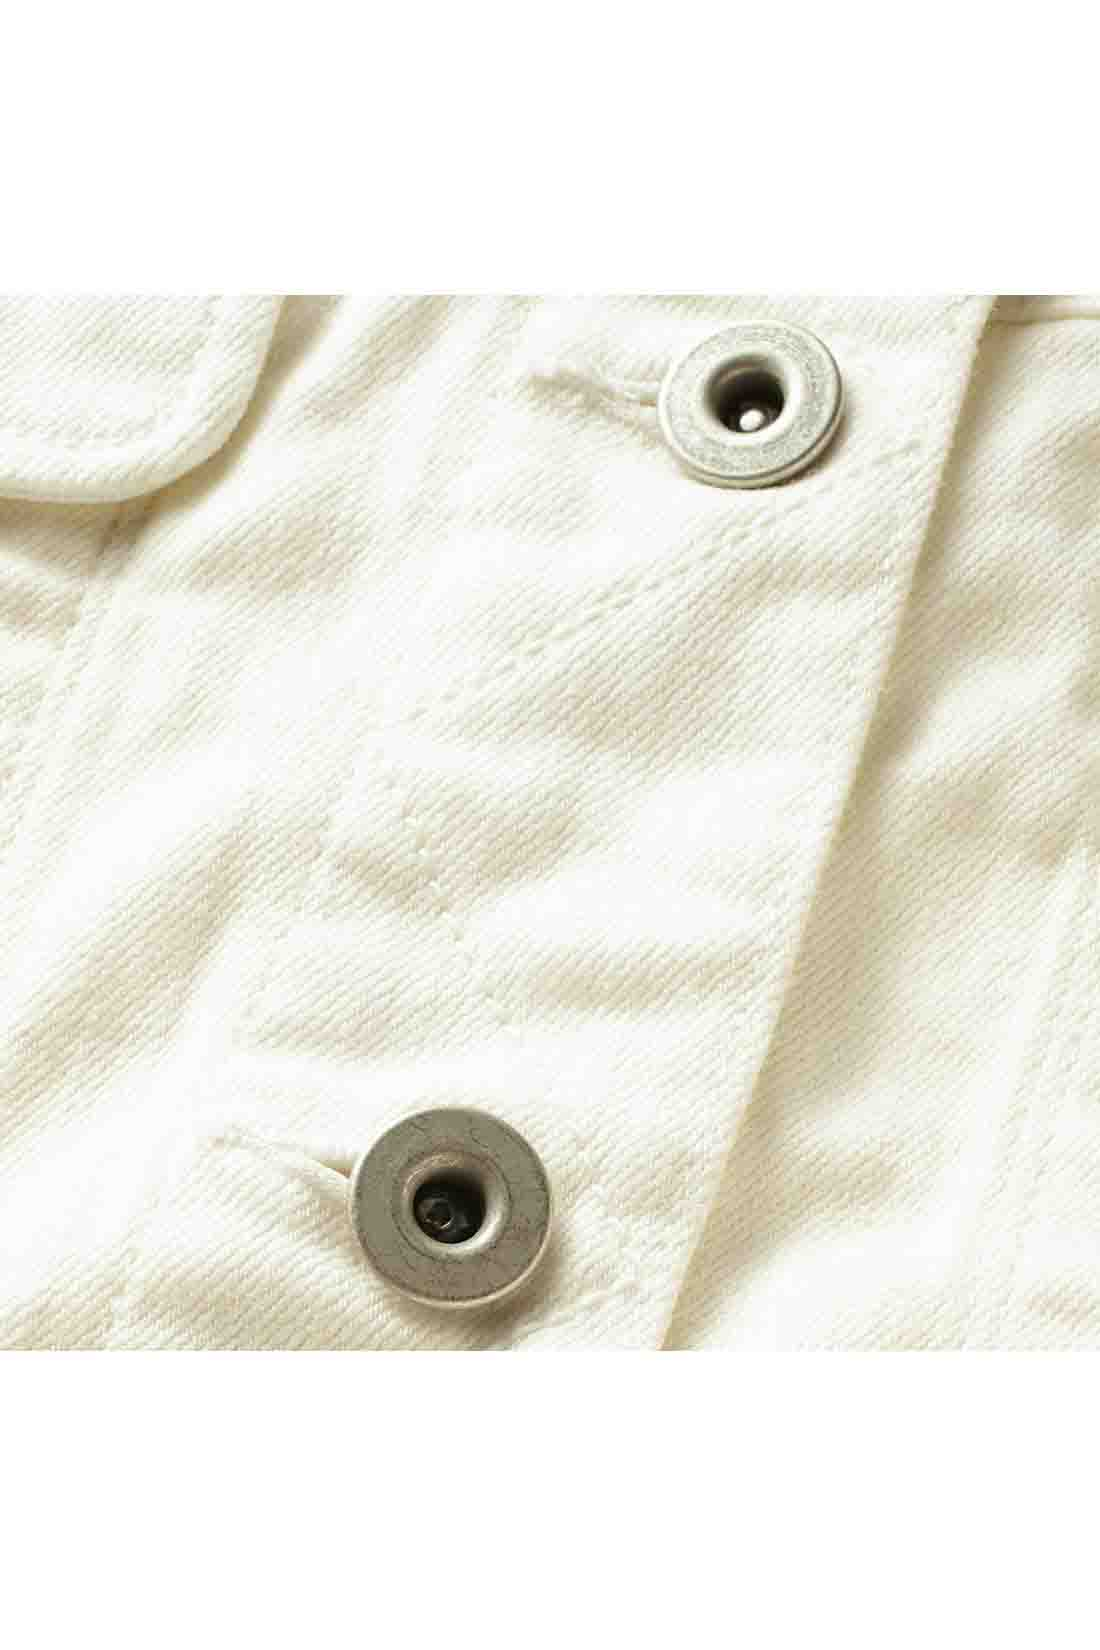 凹凸感のあるムラ糸で白生地用に特別に紡いだ糸で織り上げたホワイトデニム。